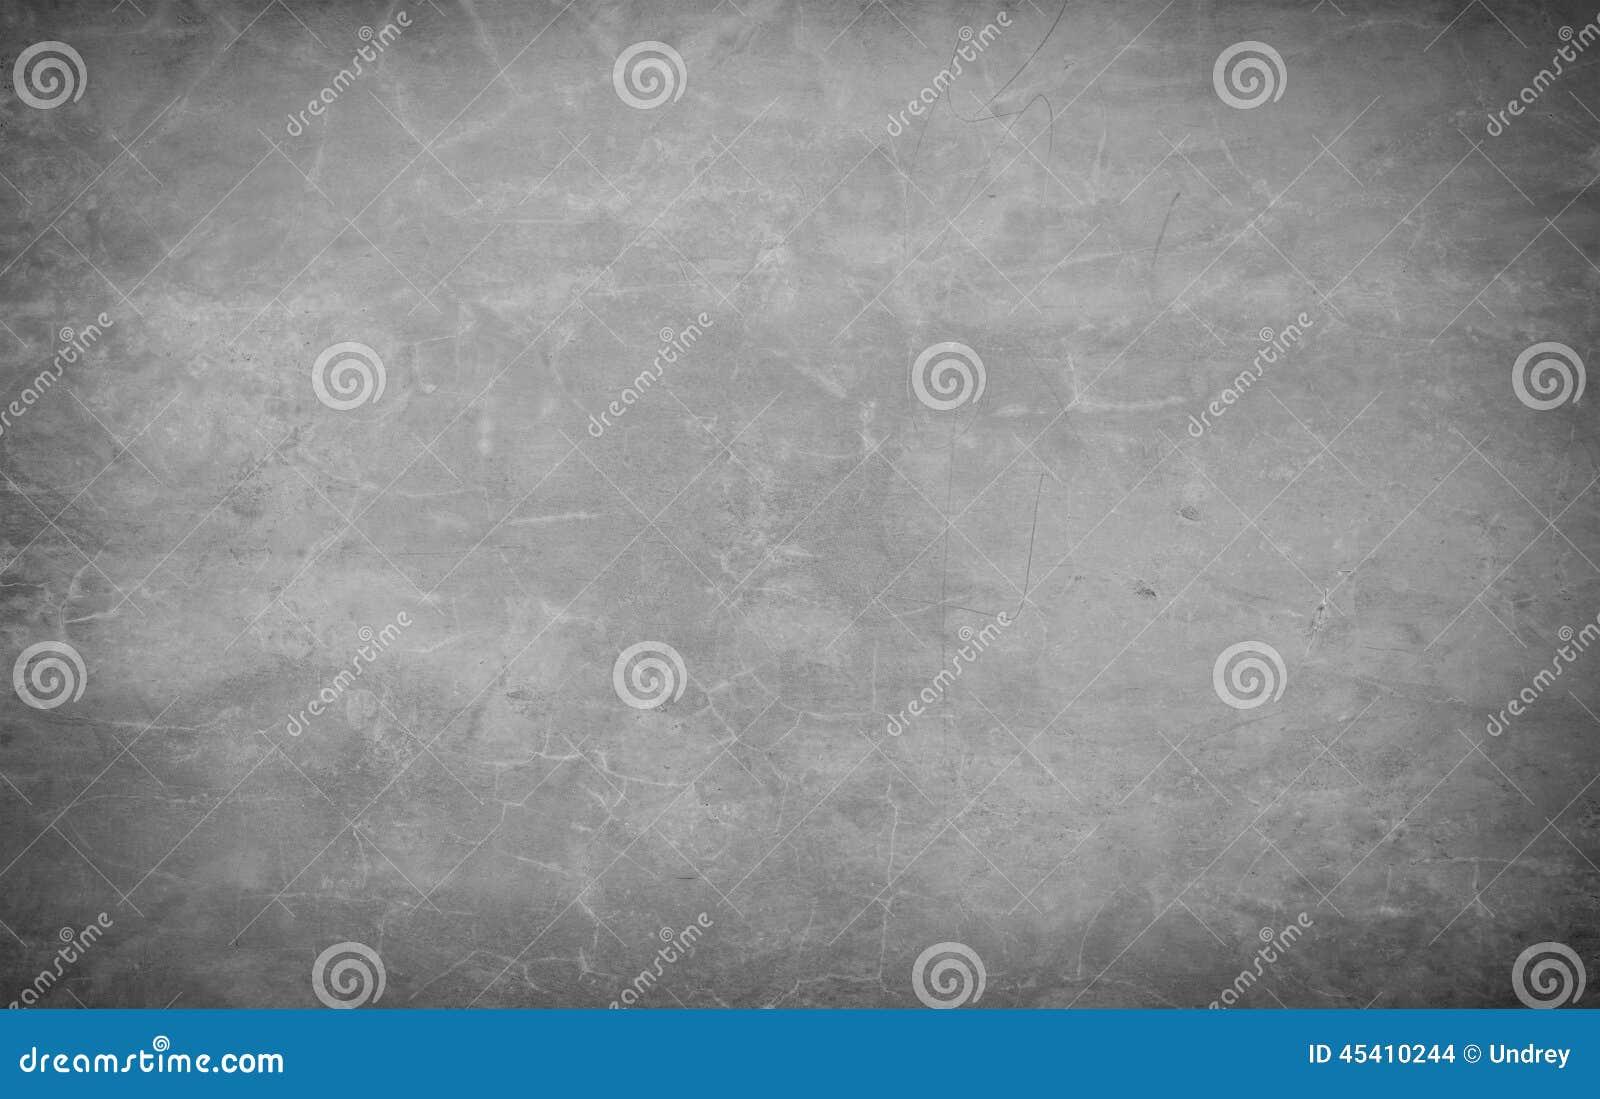 Cegły betonowej ściany kamienny szary tło szorstki